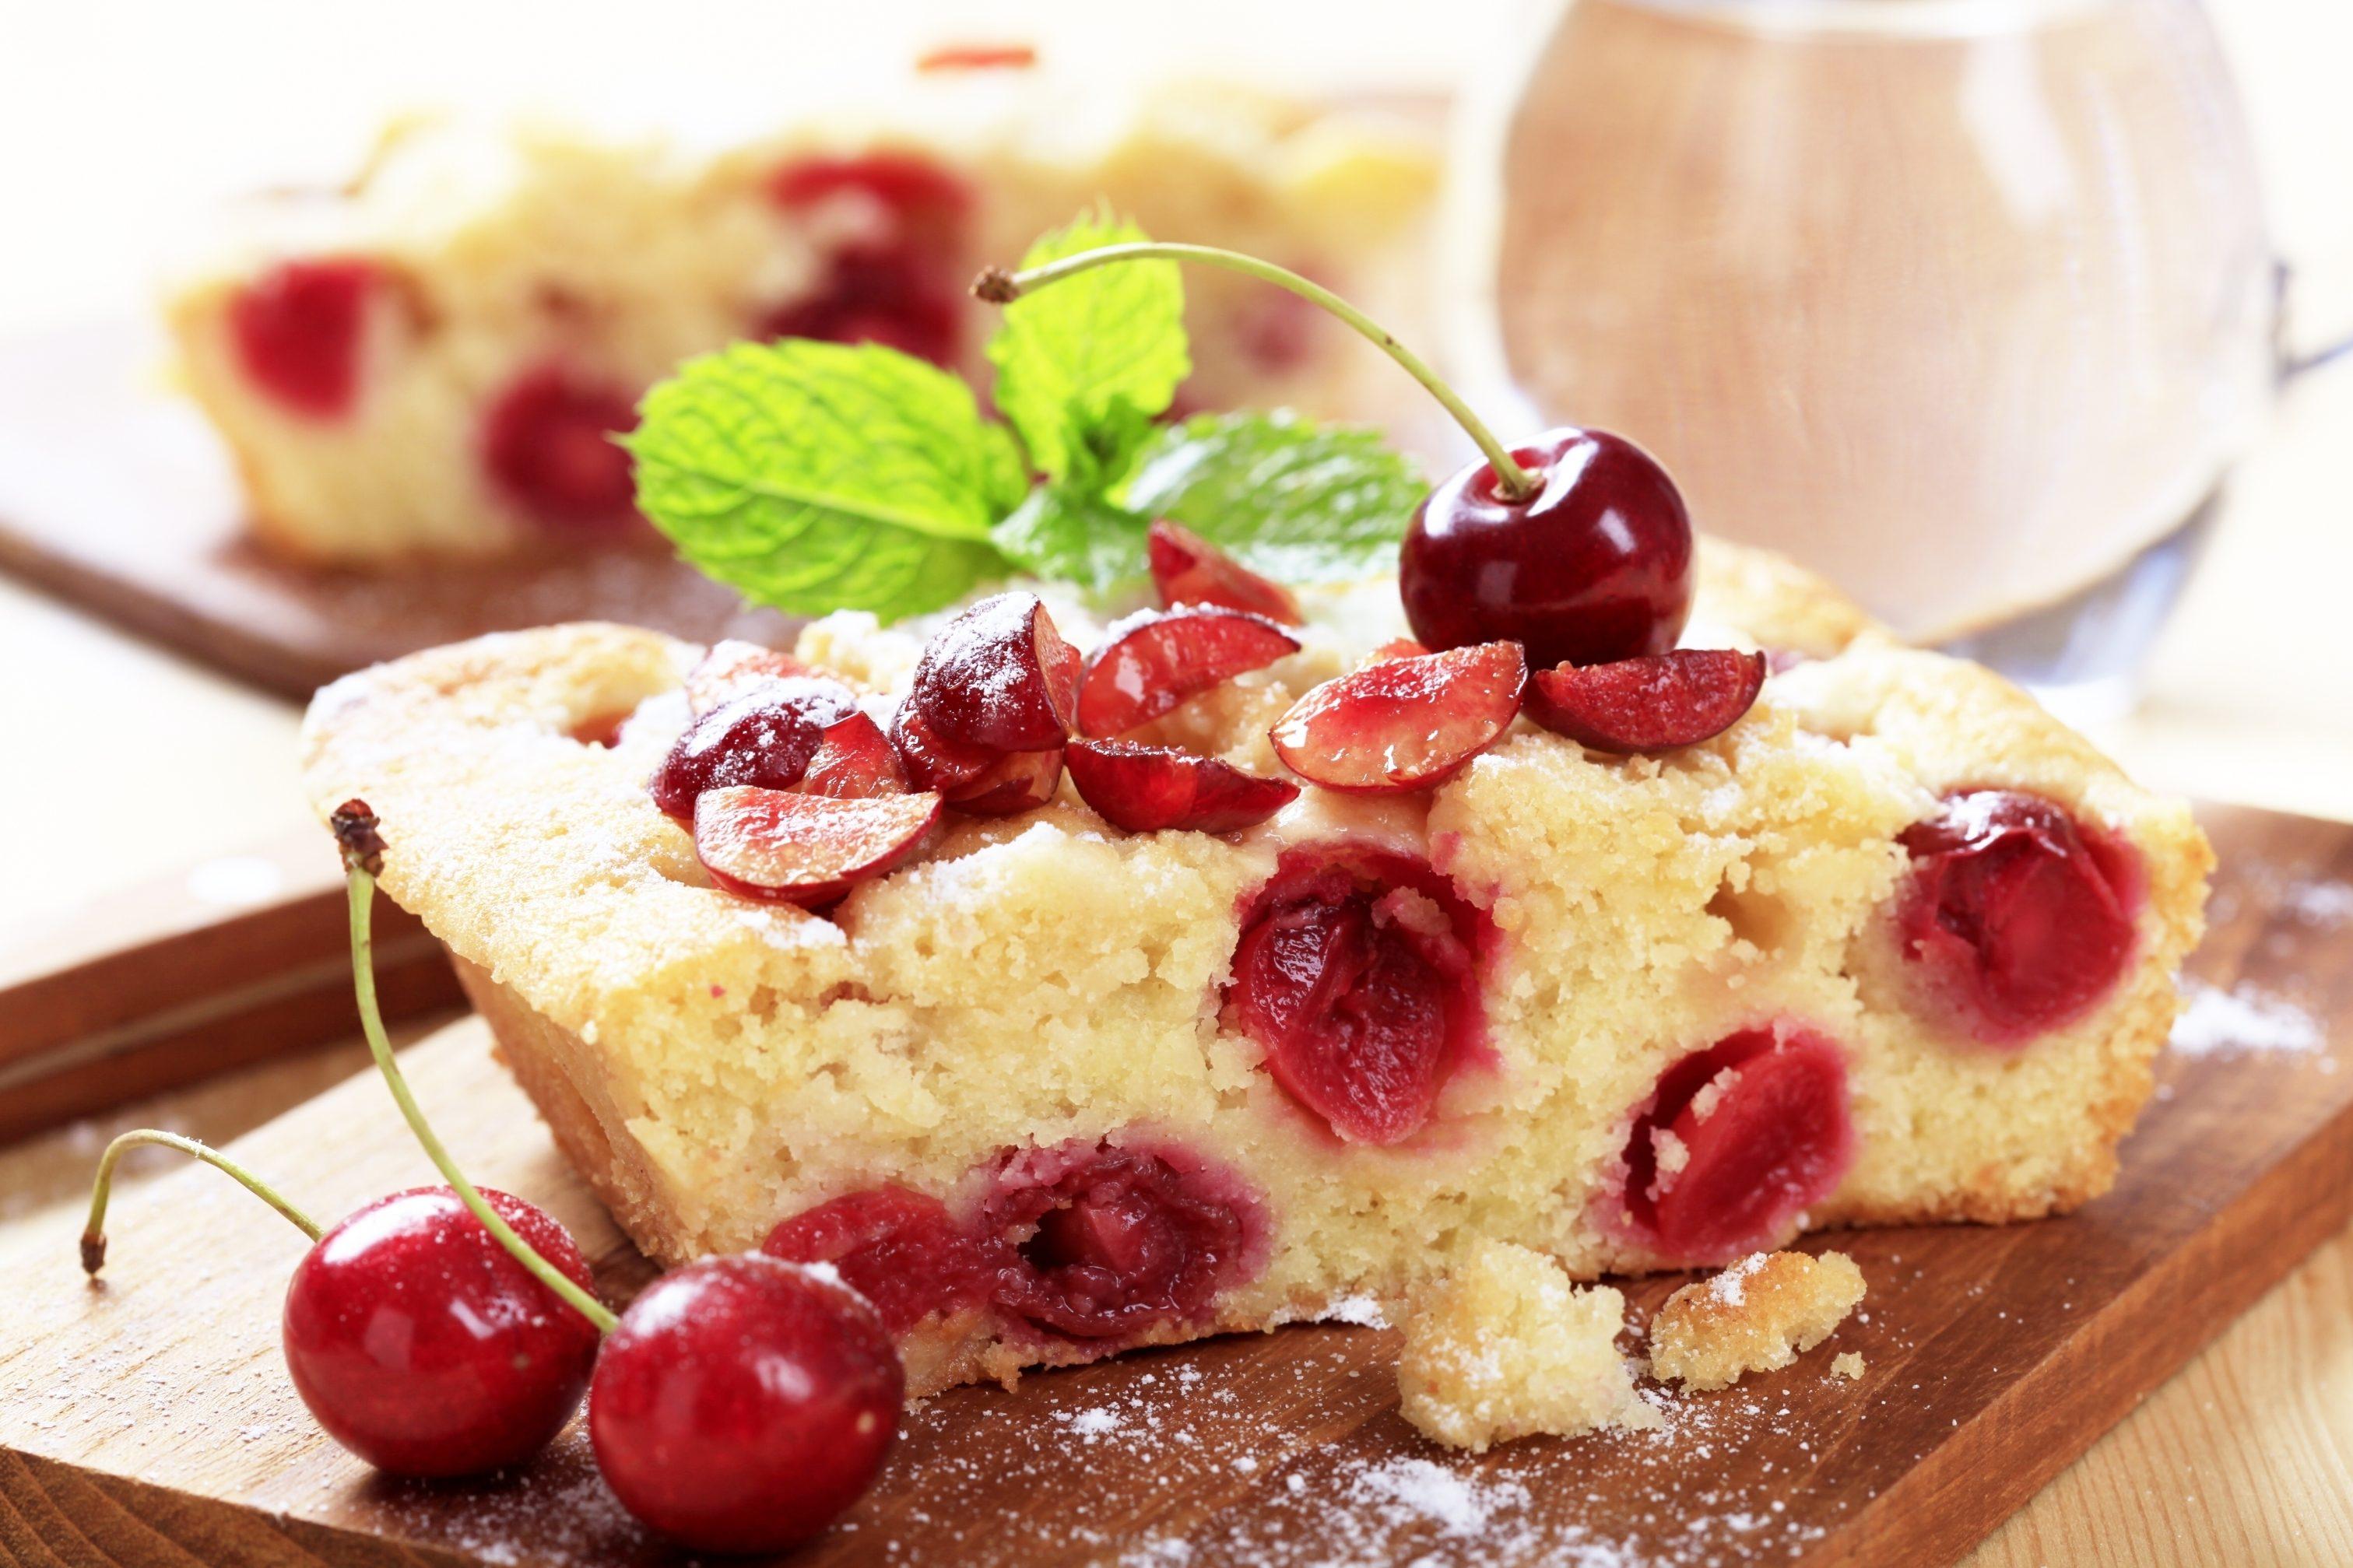 I migliori dolci con le ciliegie: idee e ricette golose per l'estate